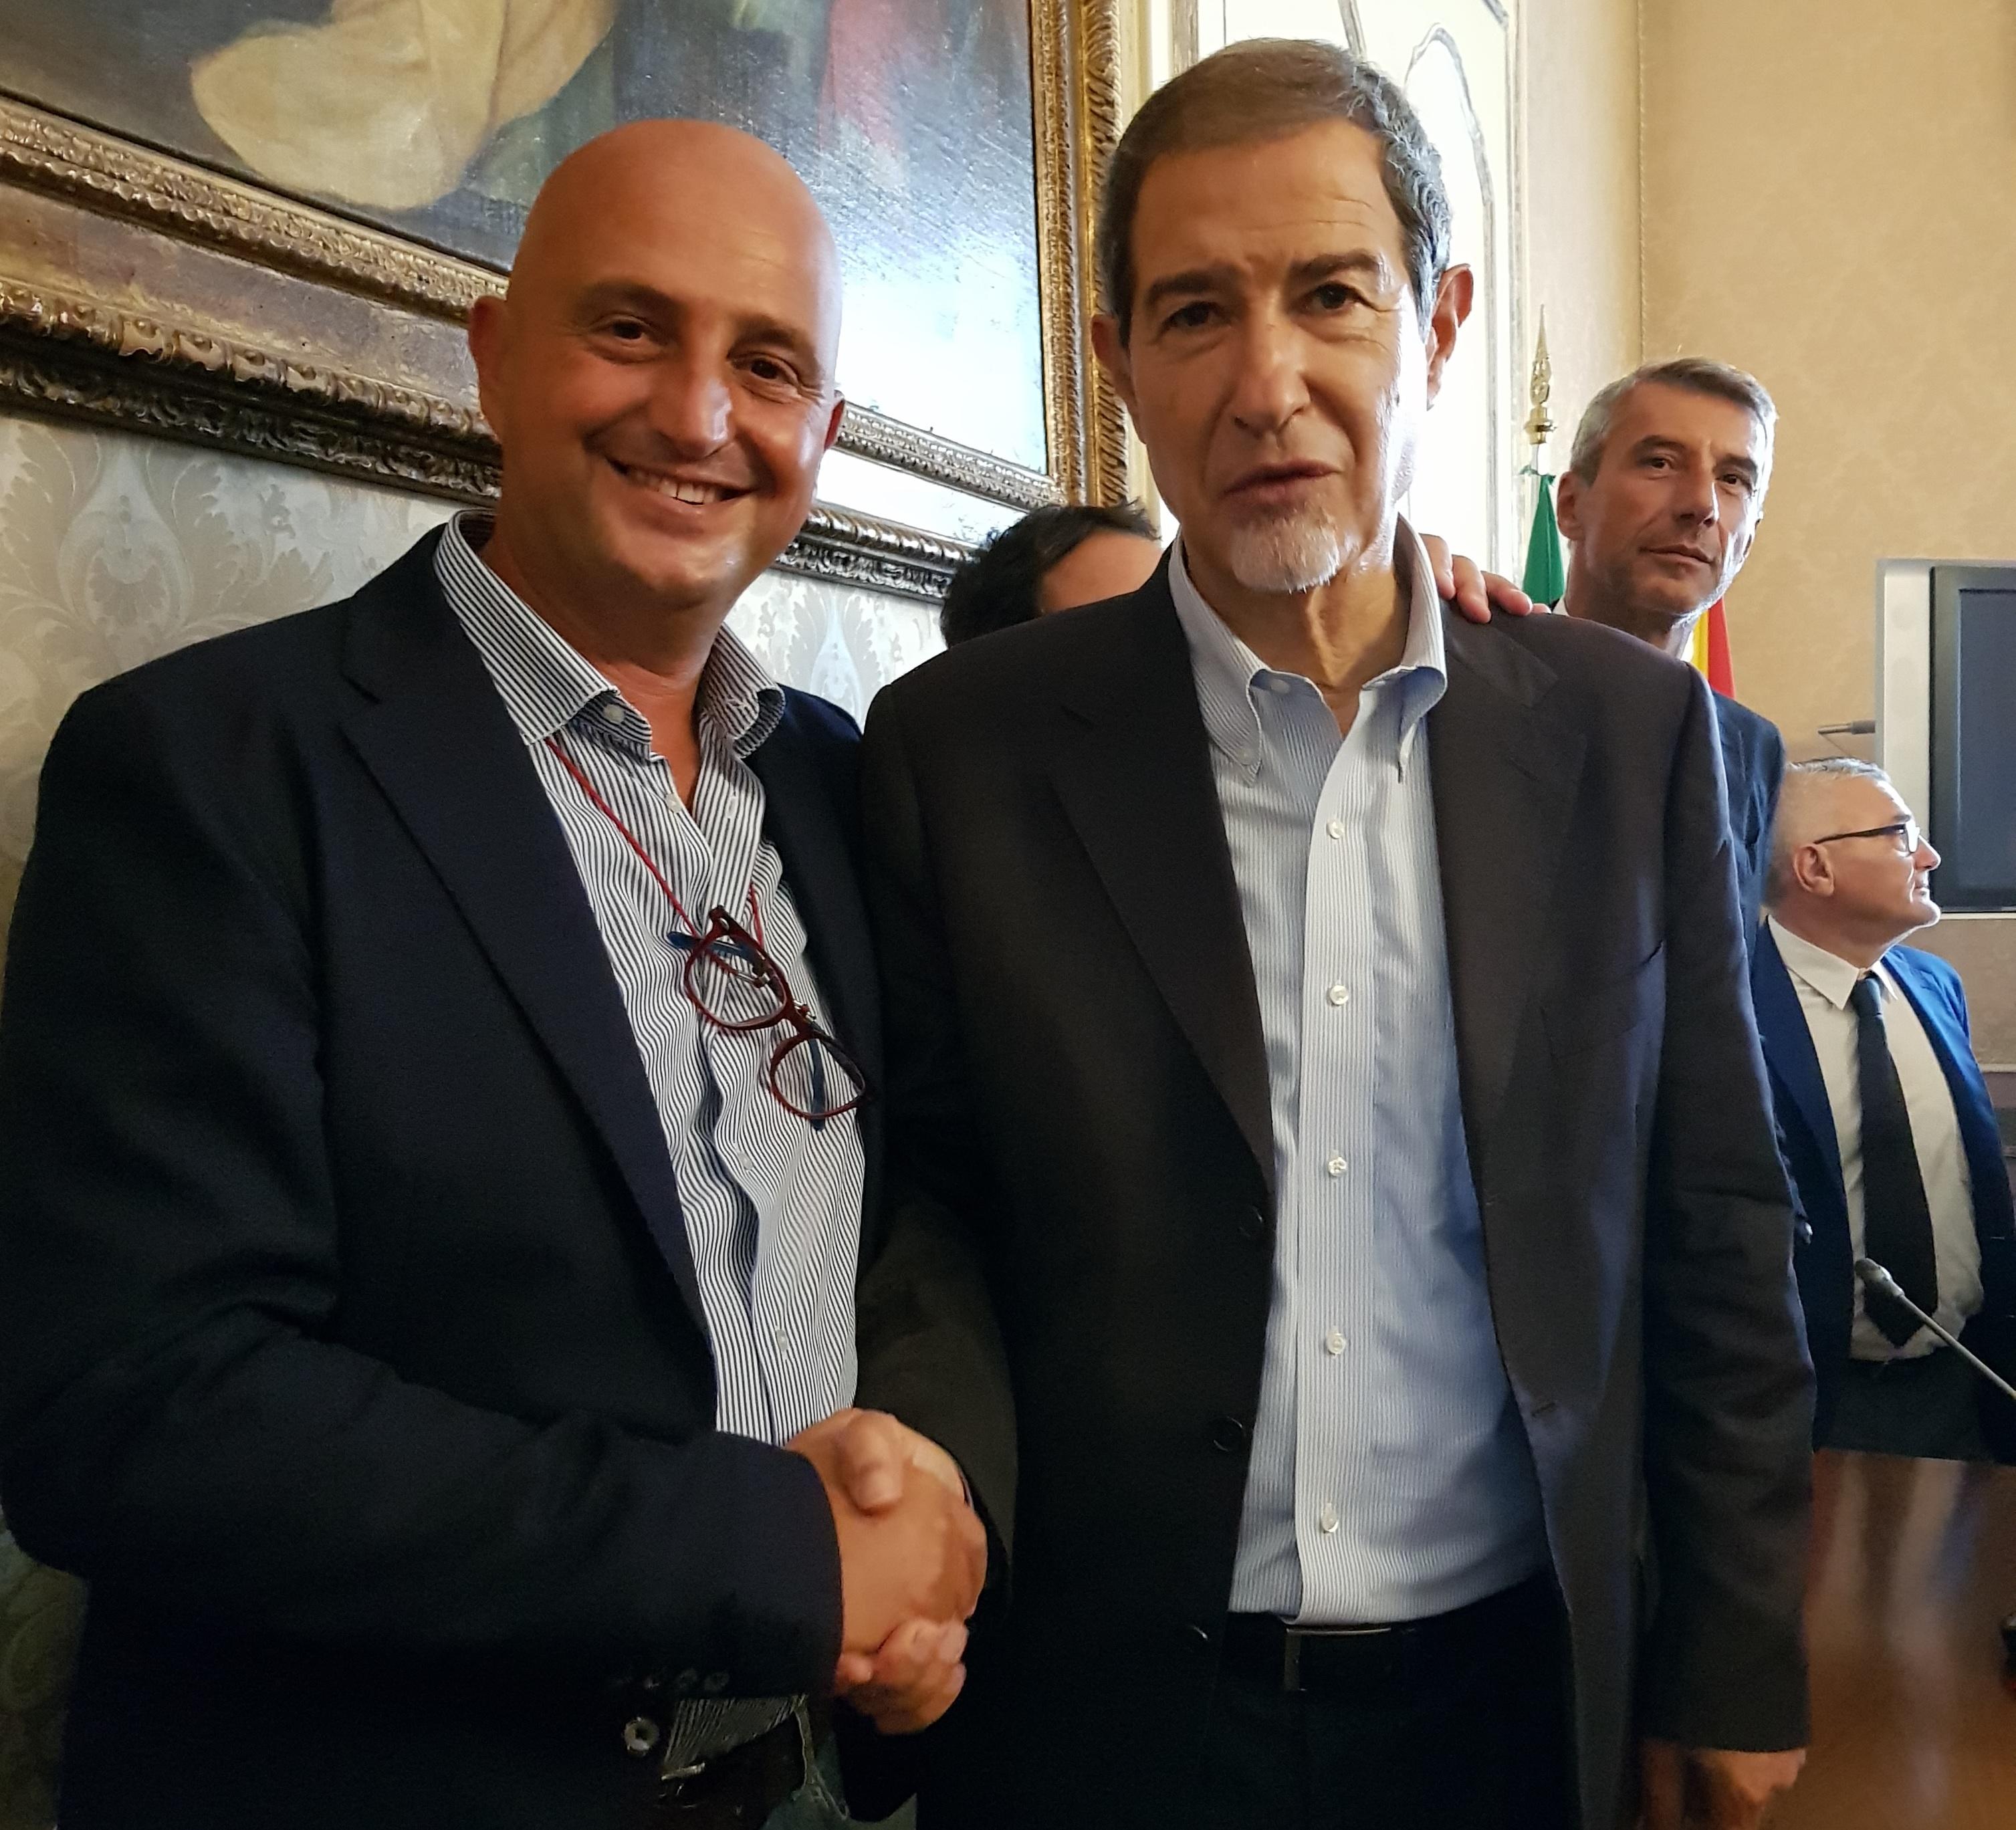 """L'assessore Turano coinvolto nell'inchiesta """"Palude"""" di Alcamo,  scoppia il caso nelle mani di Musumeci"""